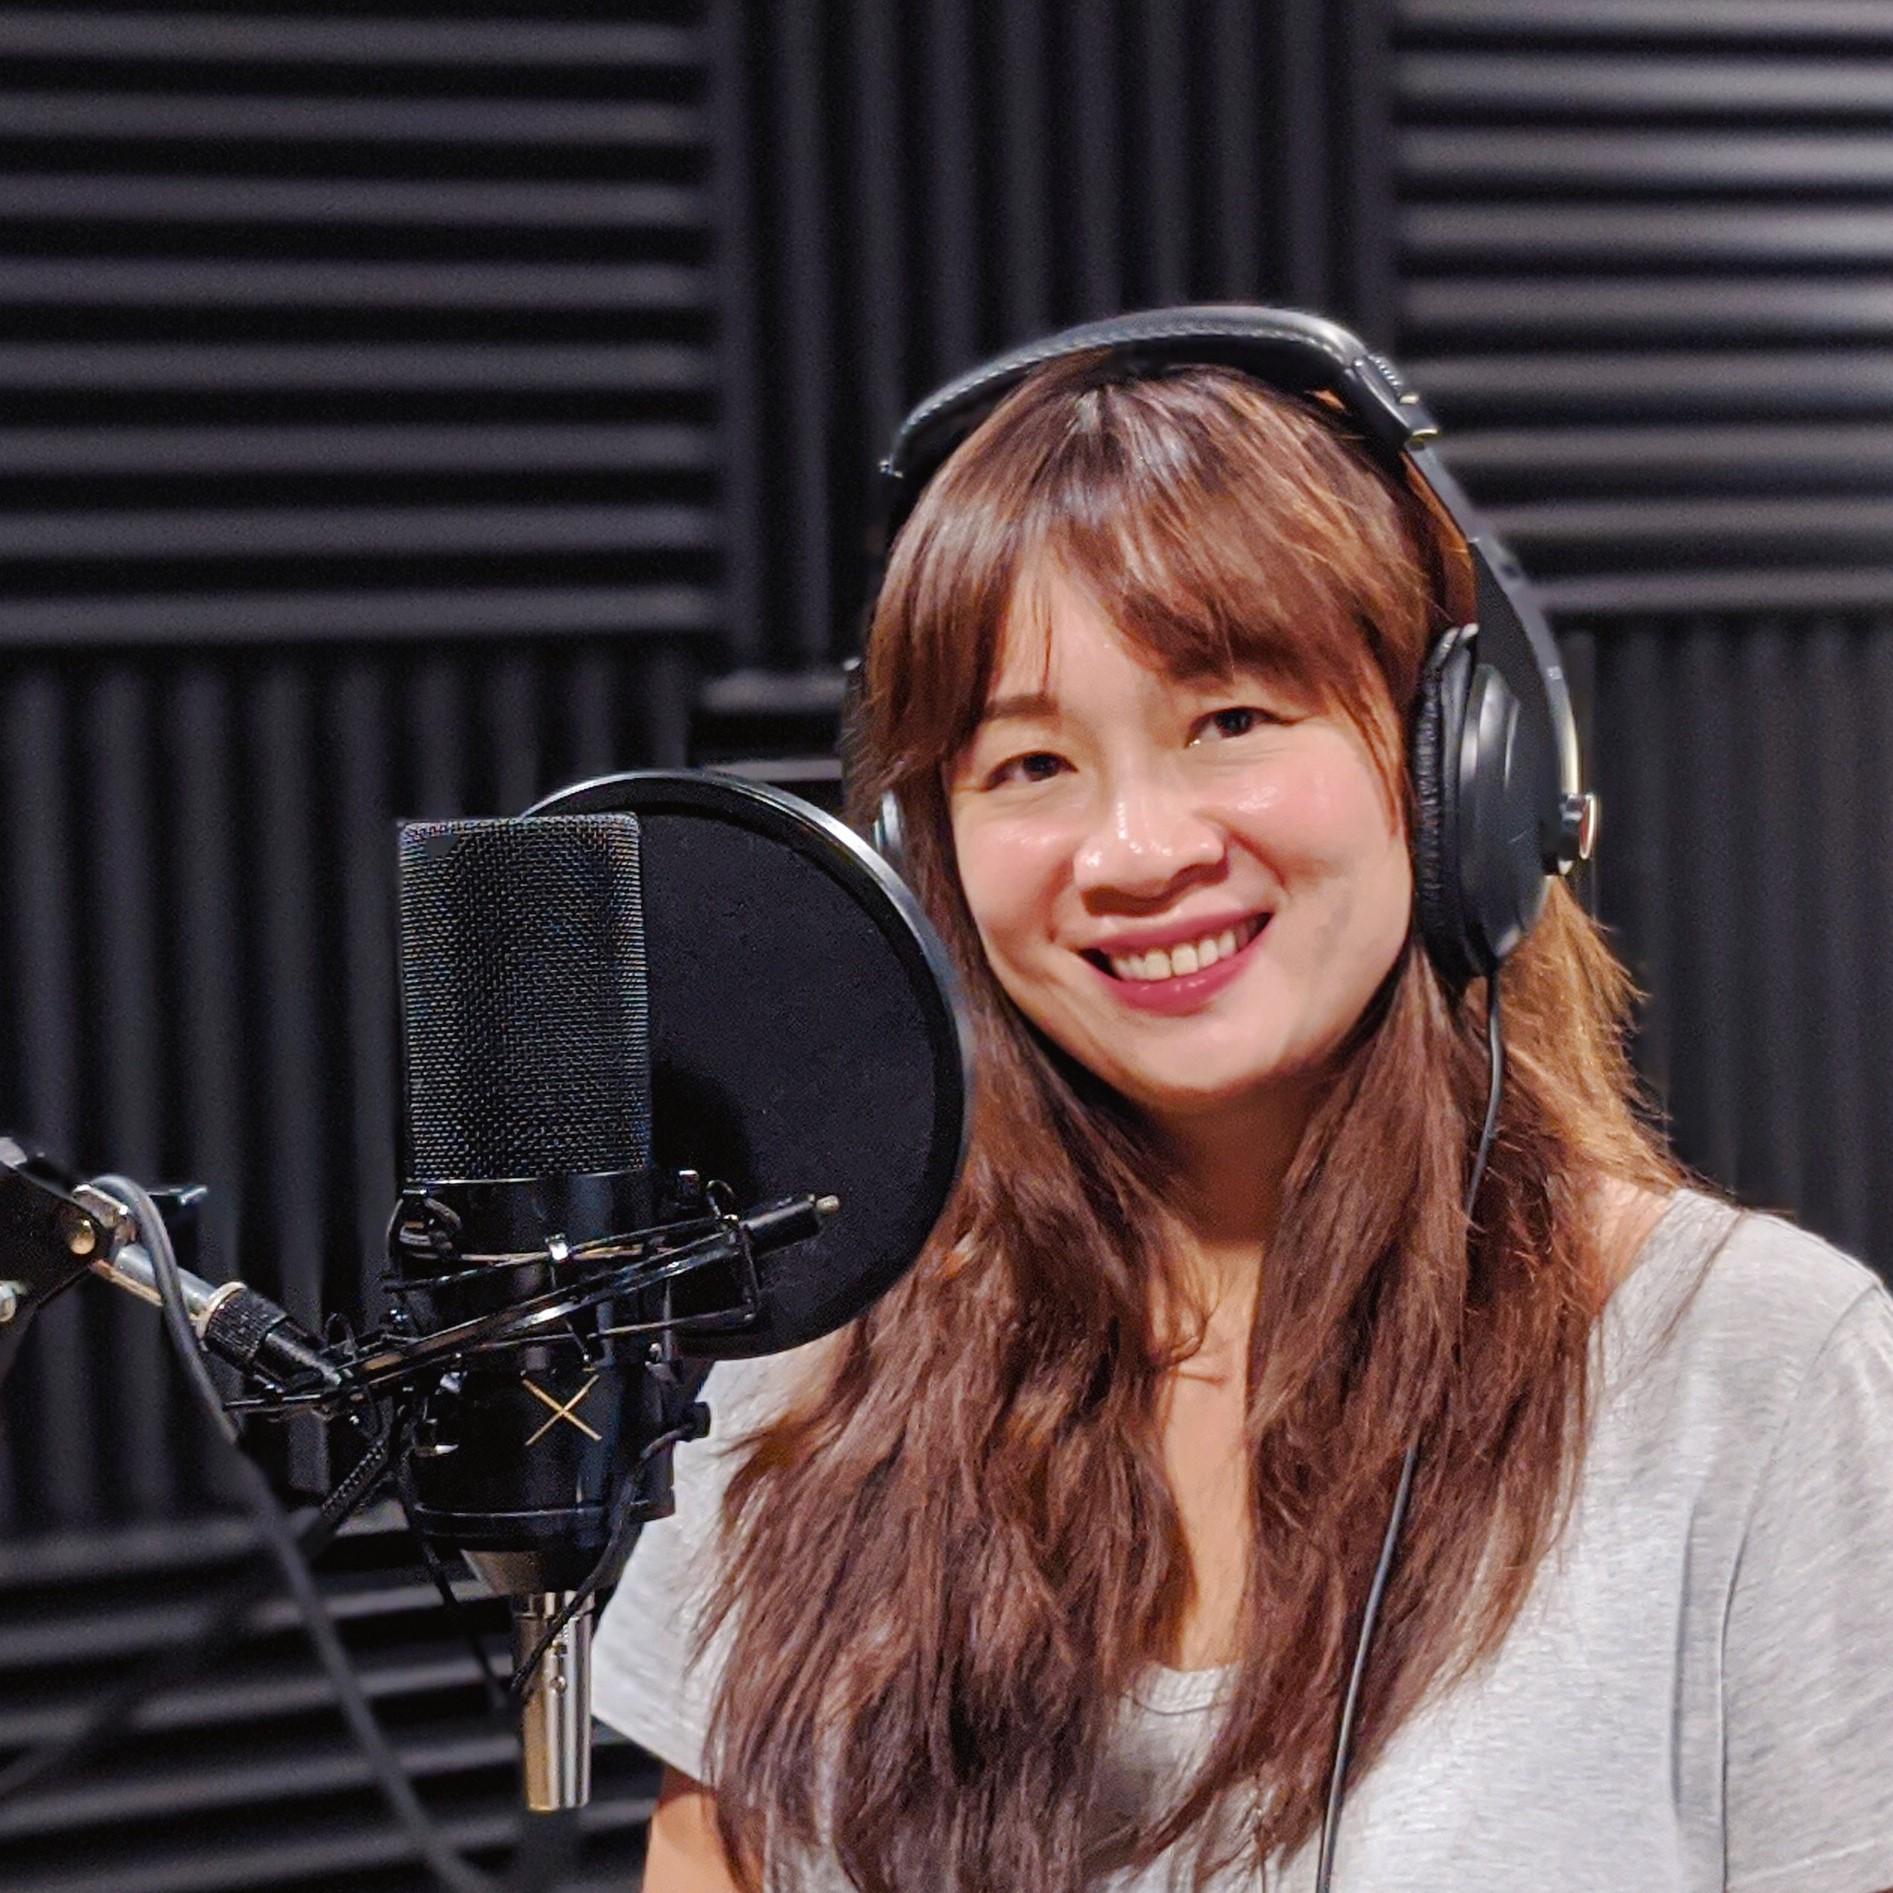 Ariel The Voice